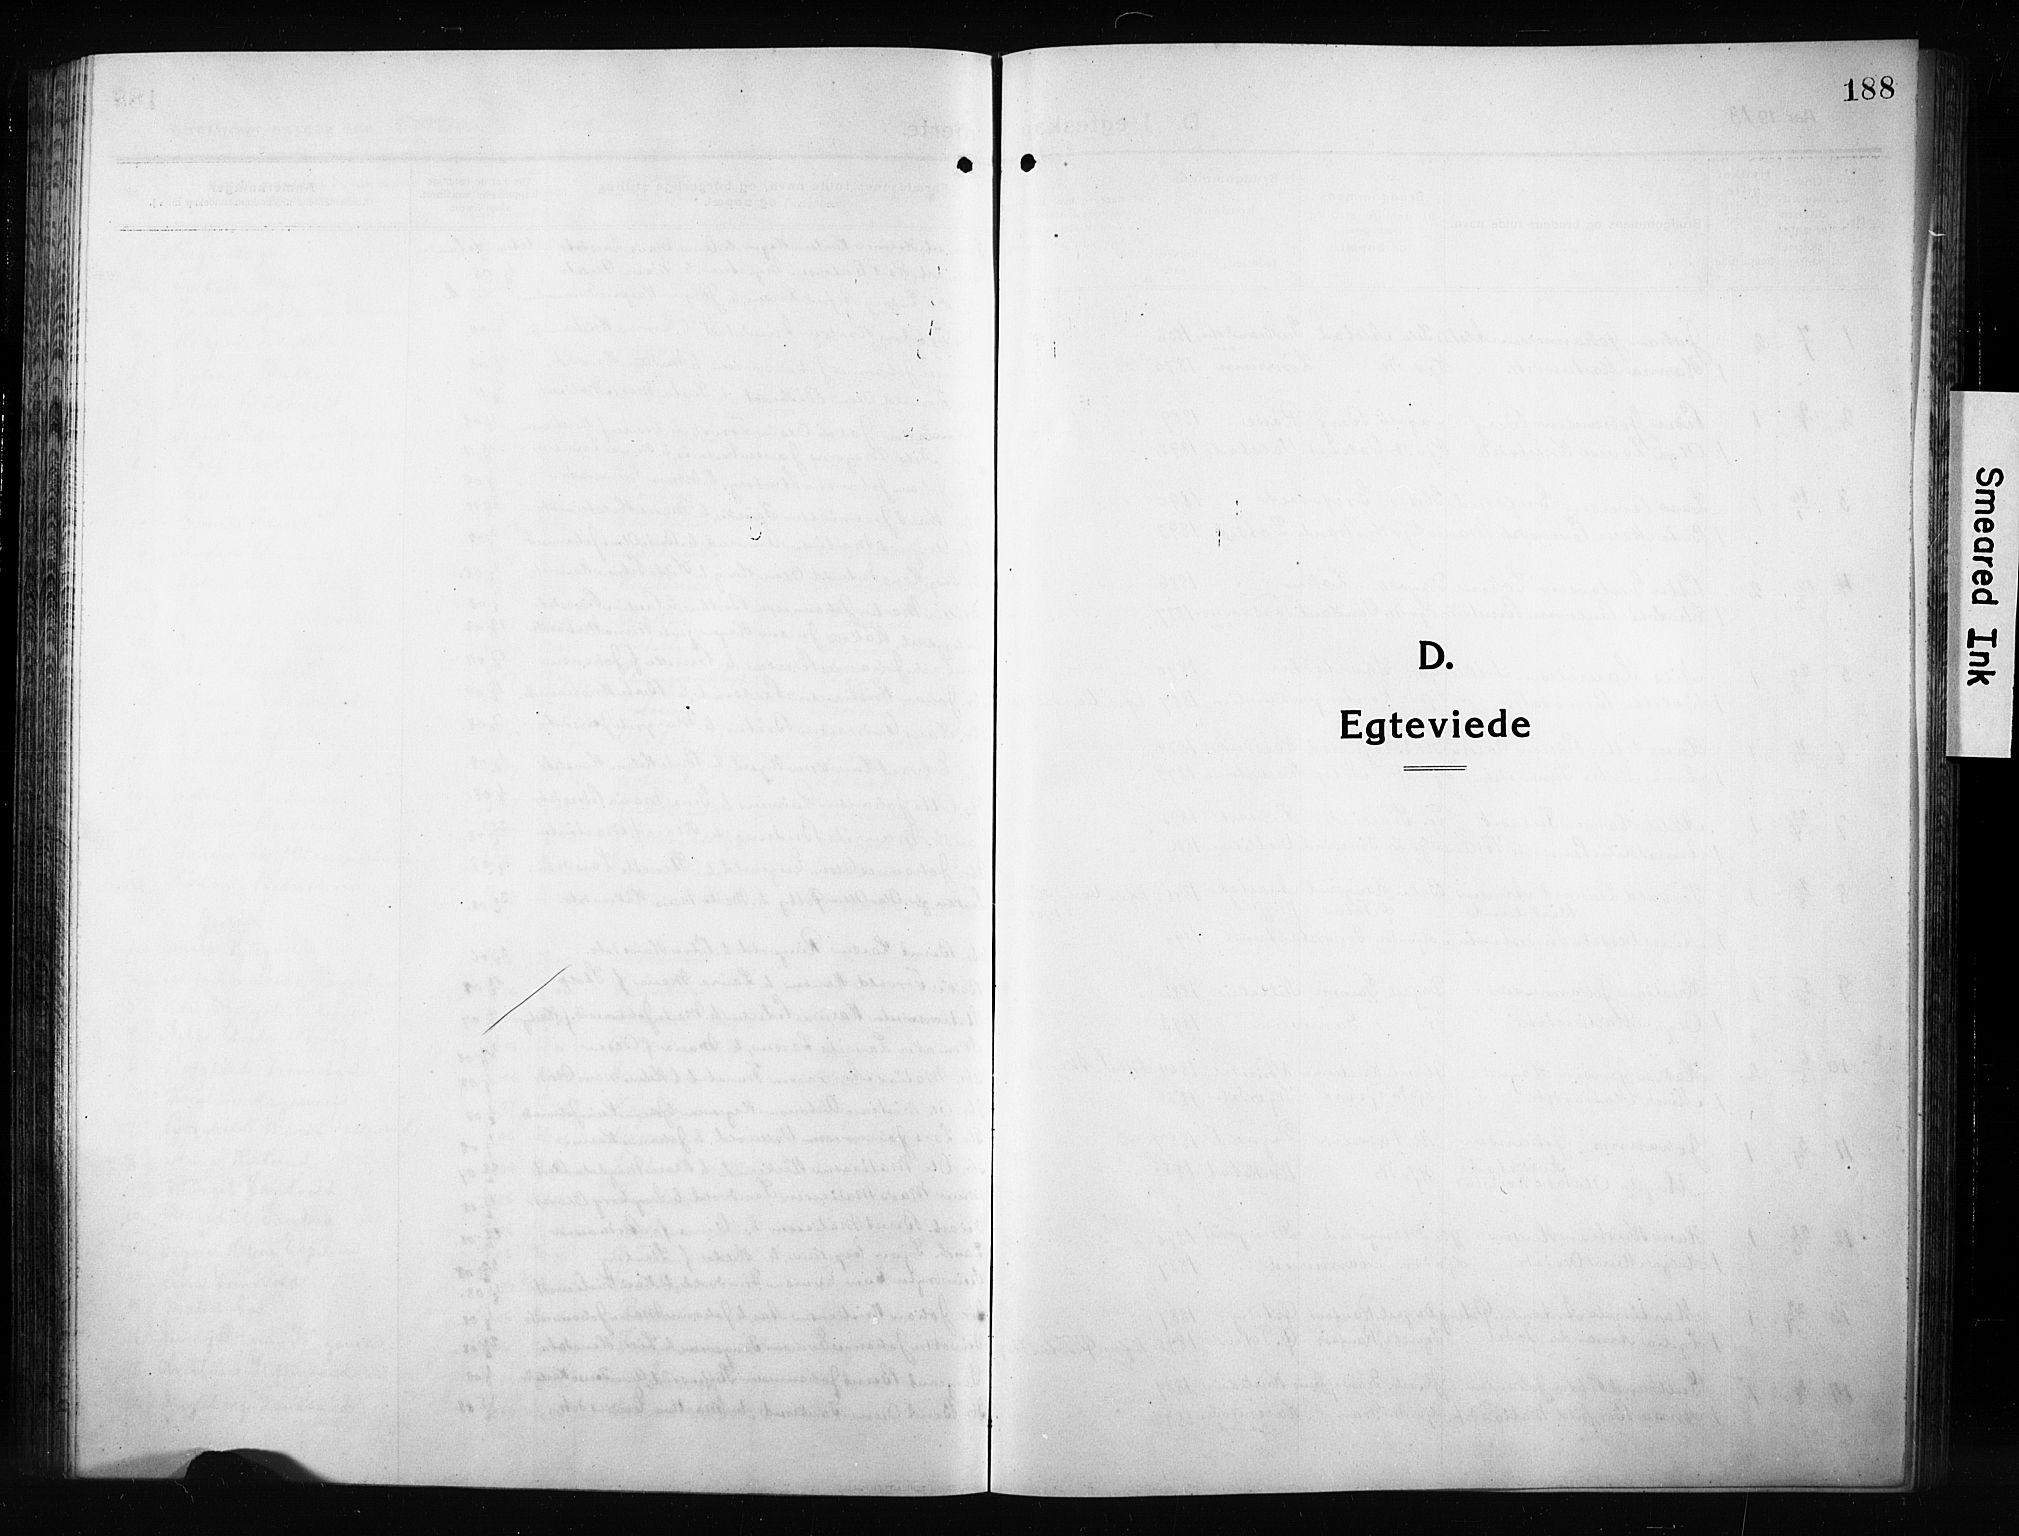 SAH, Vestre Toten prestekontor, Klokkerbok nr. 12, 1909-1928, s. 188